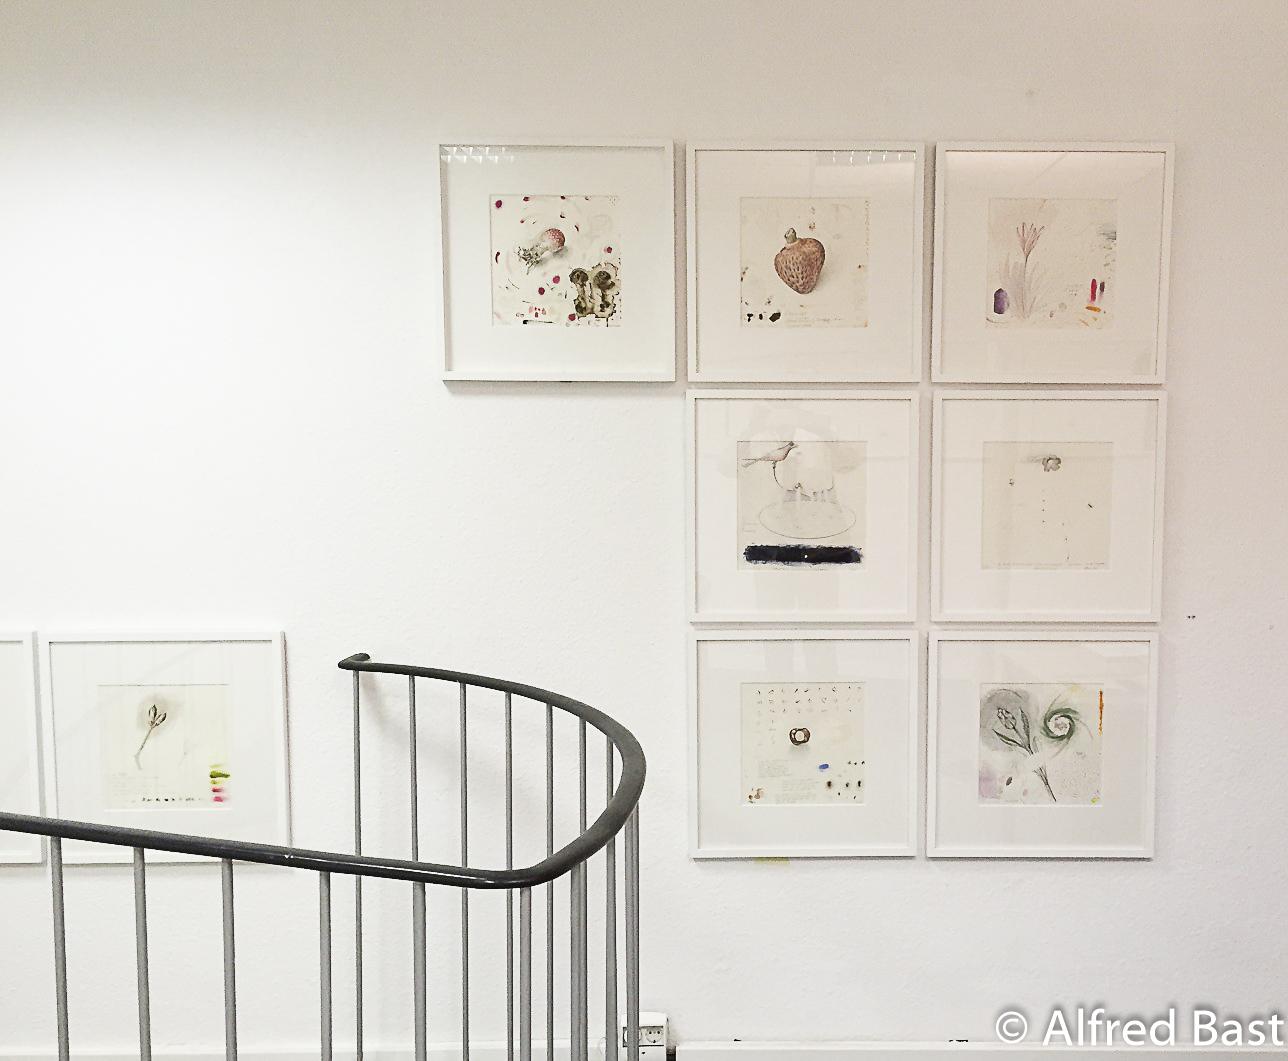 Zeichnungen, Alfred Bast, Morgensterngalerie Berlin, 2015